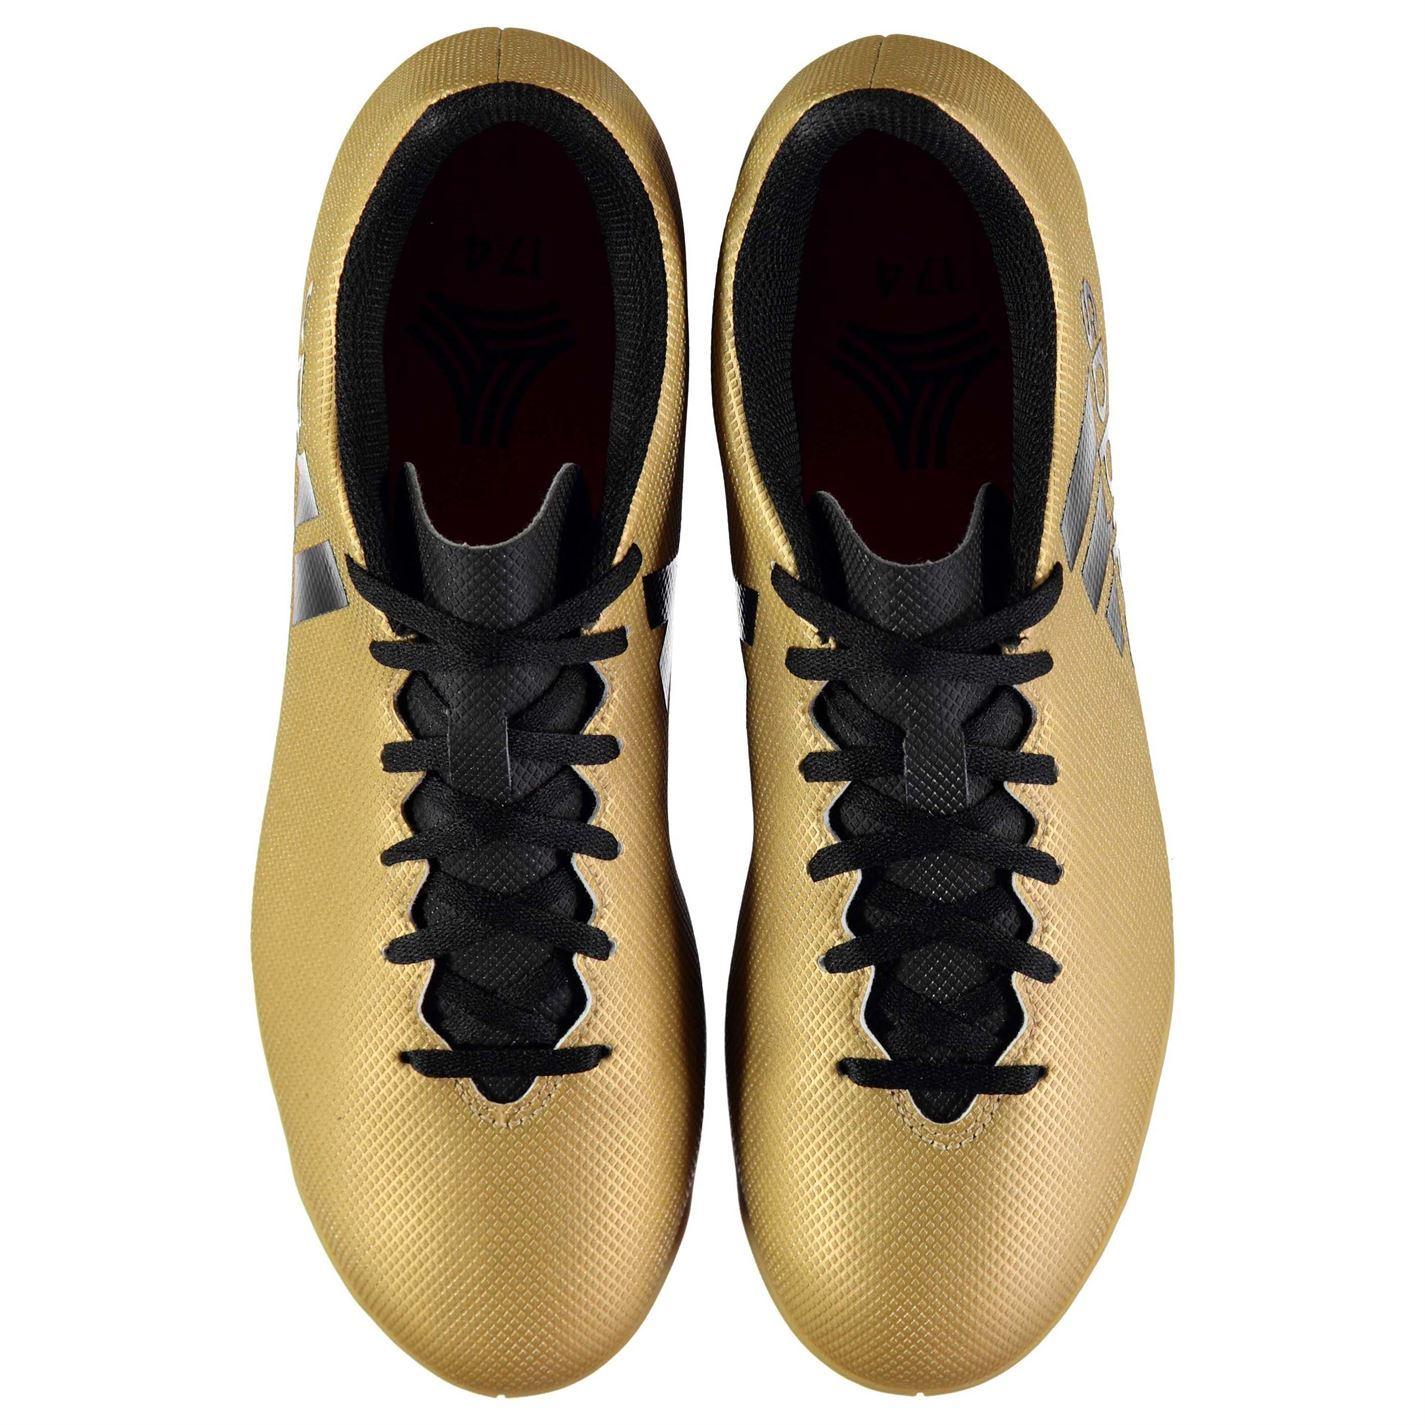 ... Adidas Tango X 1 7.4 interior fútbol entrenadores Mens oro negro fútbol  zapatillas de fútbol 88a72cfbda379